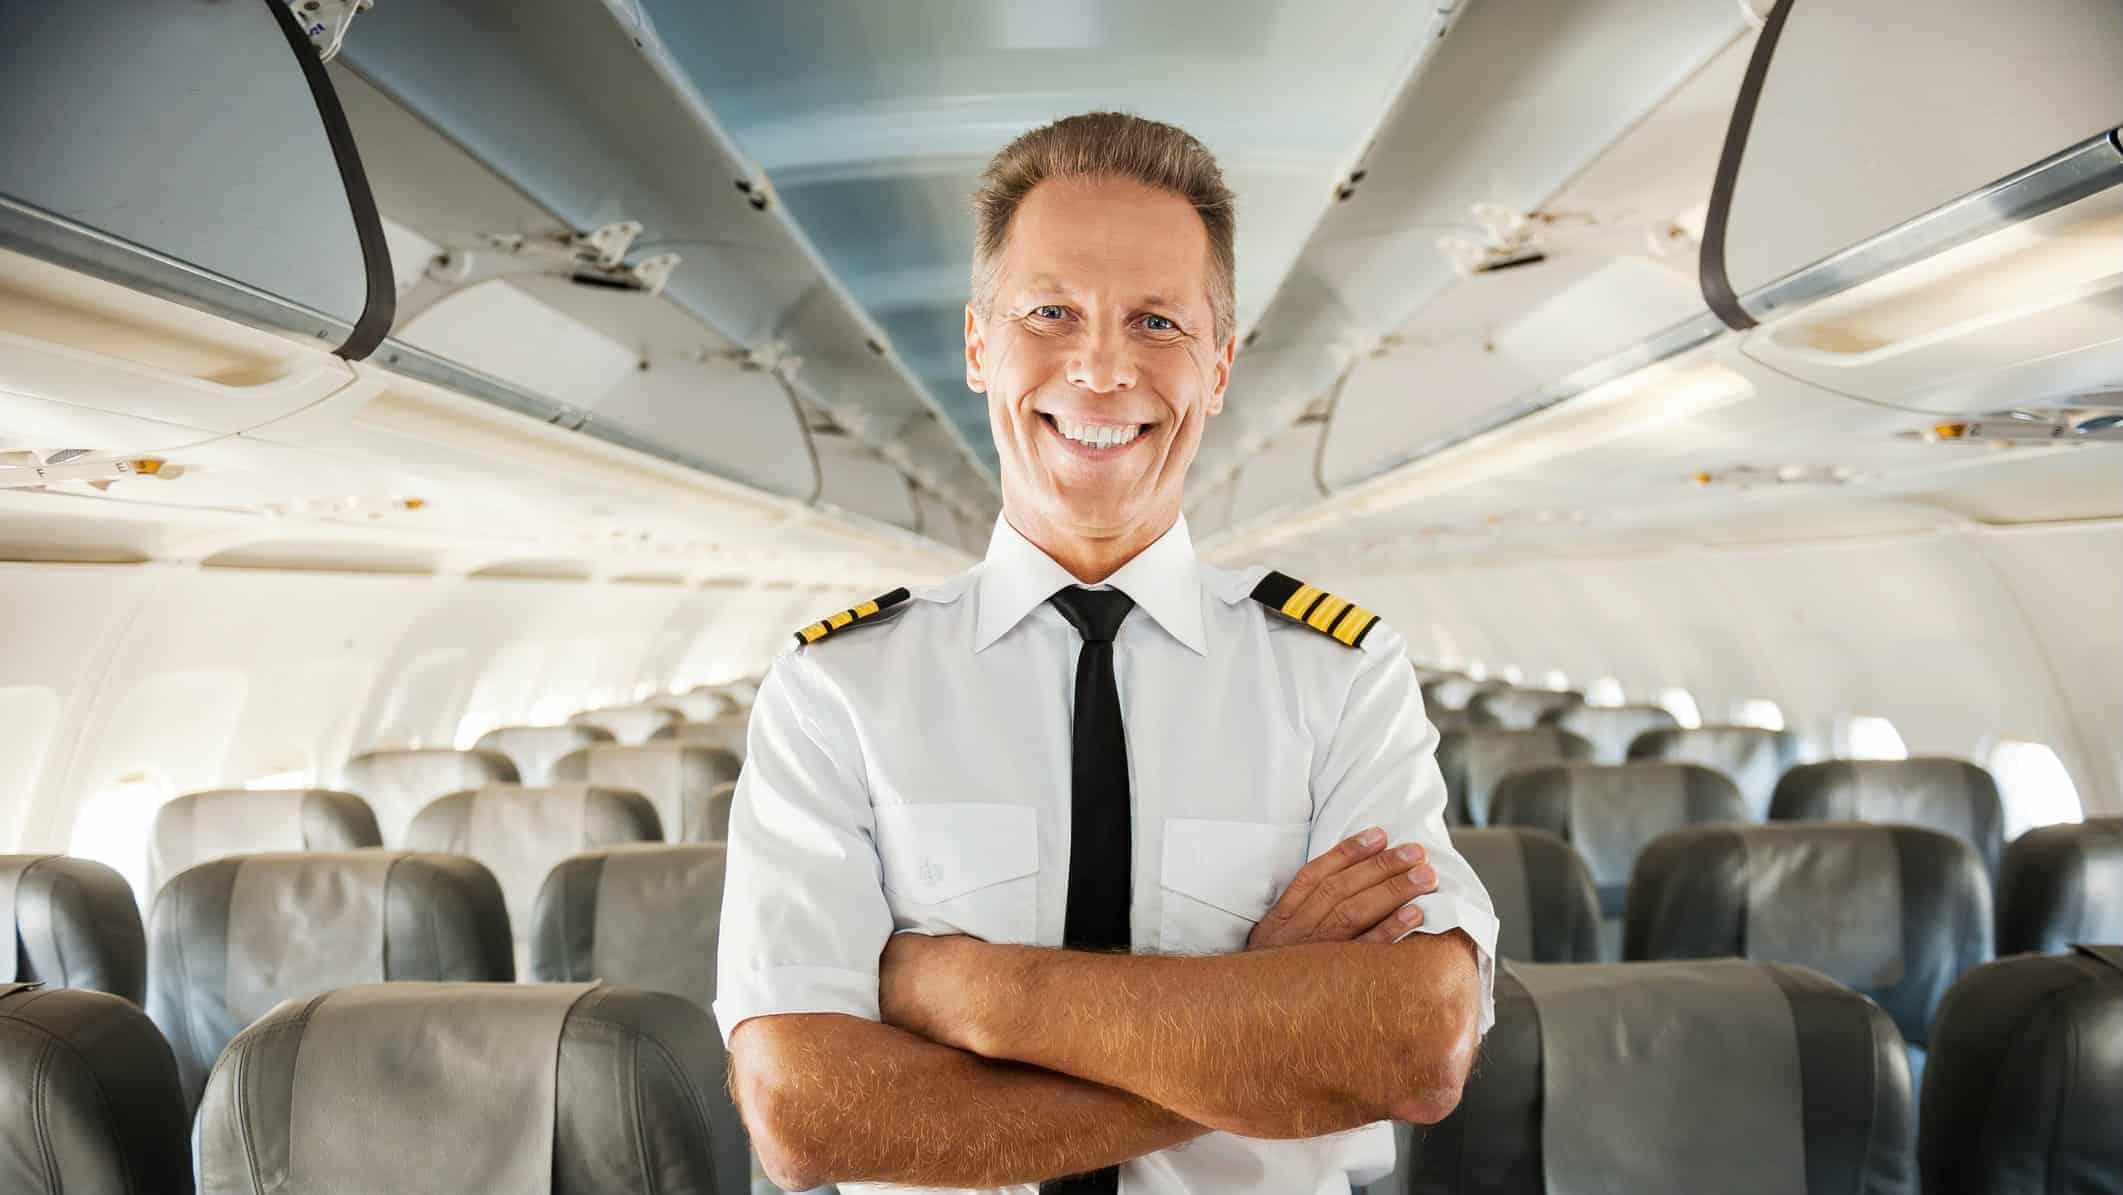 pilot, flying, flight, aircraft, plane, webjet, flight centre